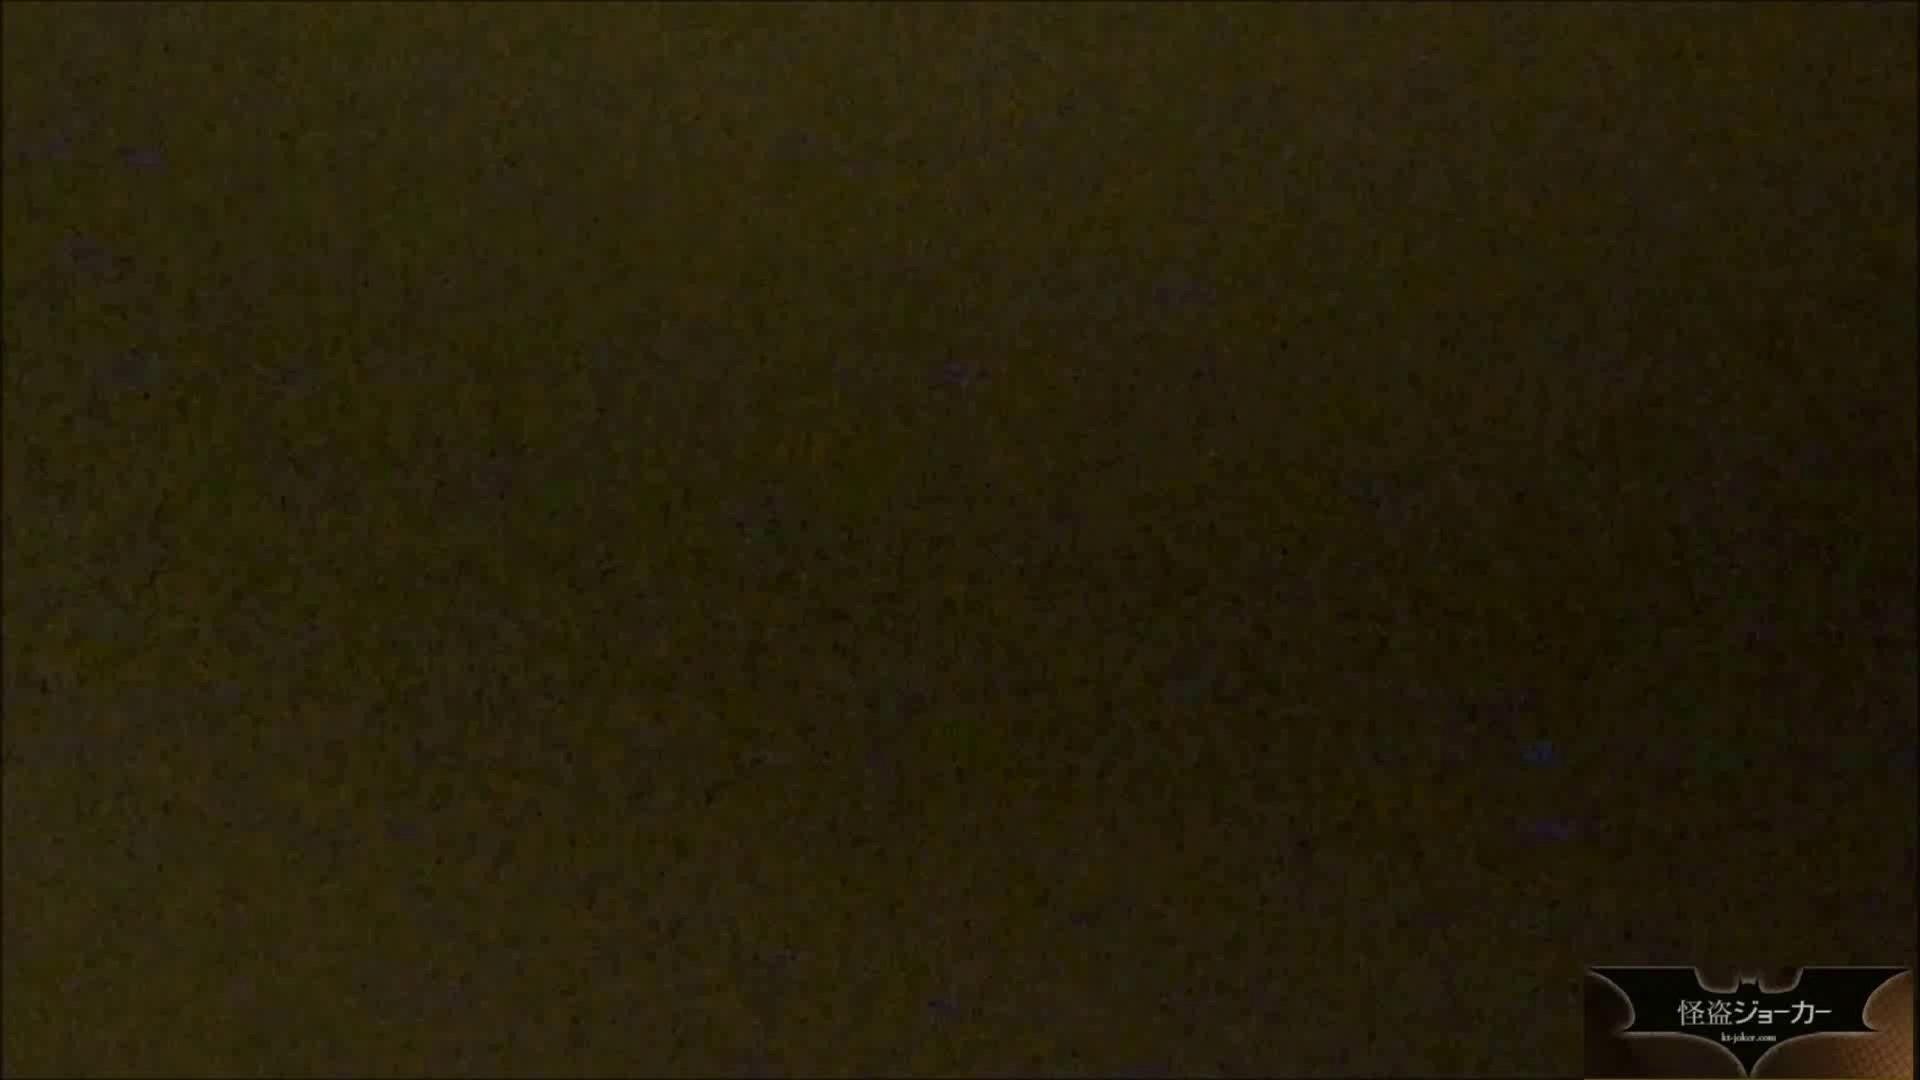 【未公開】vol.51 3人一緒に・・・①{朋葉・小春・葉月} 美乳 AV動画キャプチャ 91画像 8